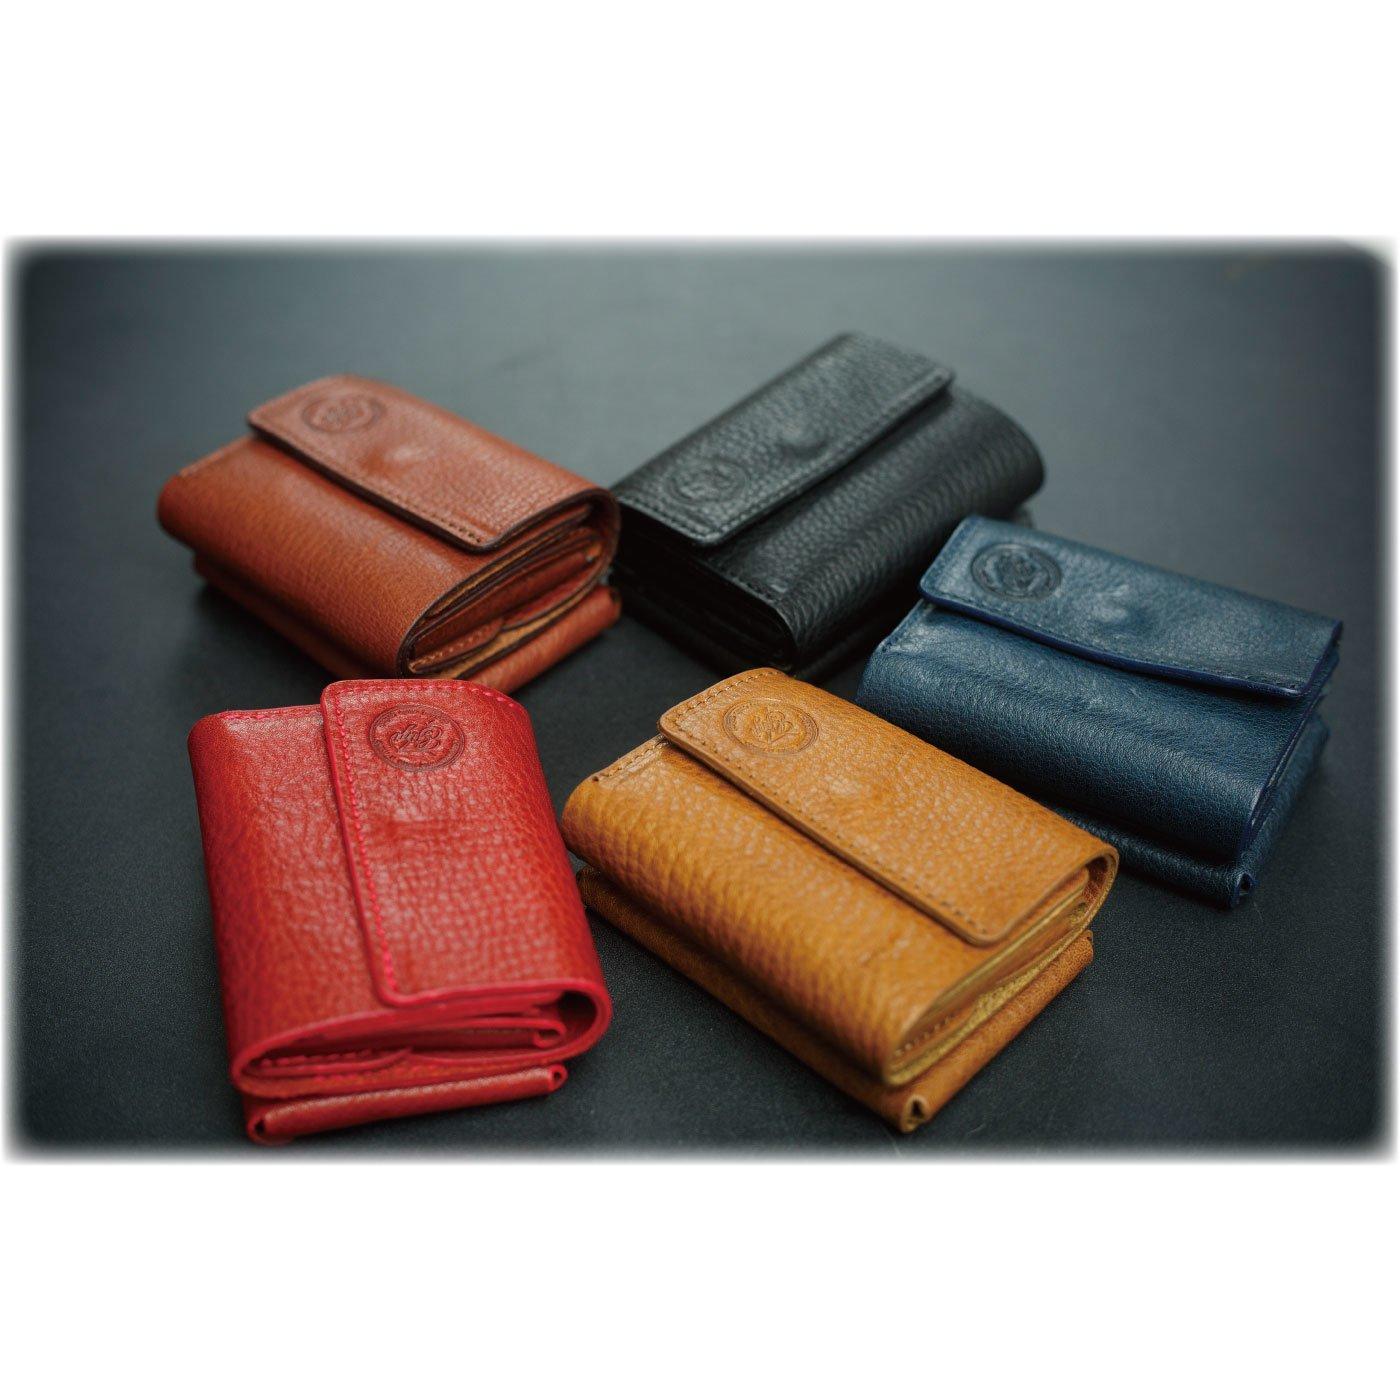 シーンに合わせてカスタマイズできるレザー財布 Kumi Wallet